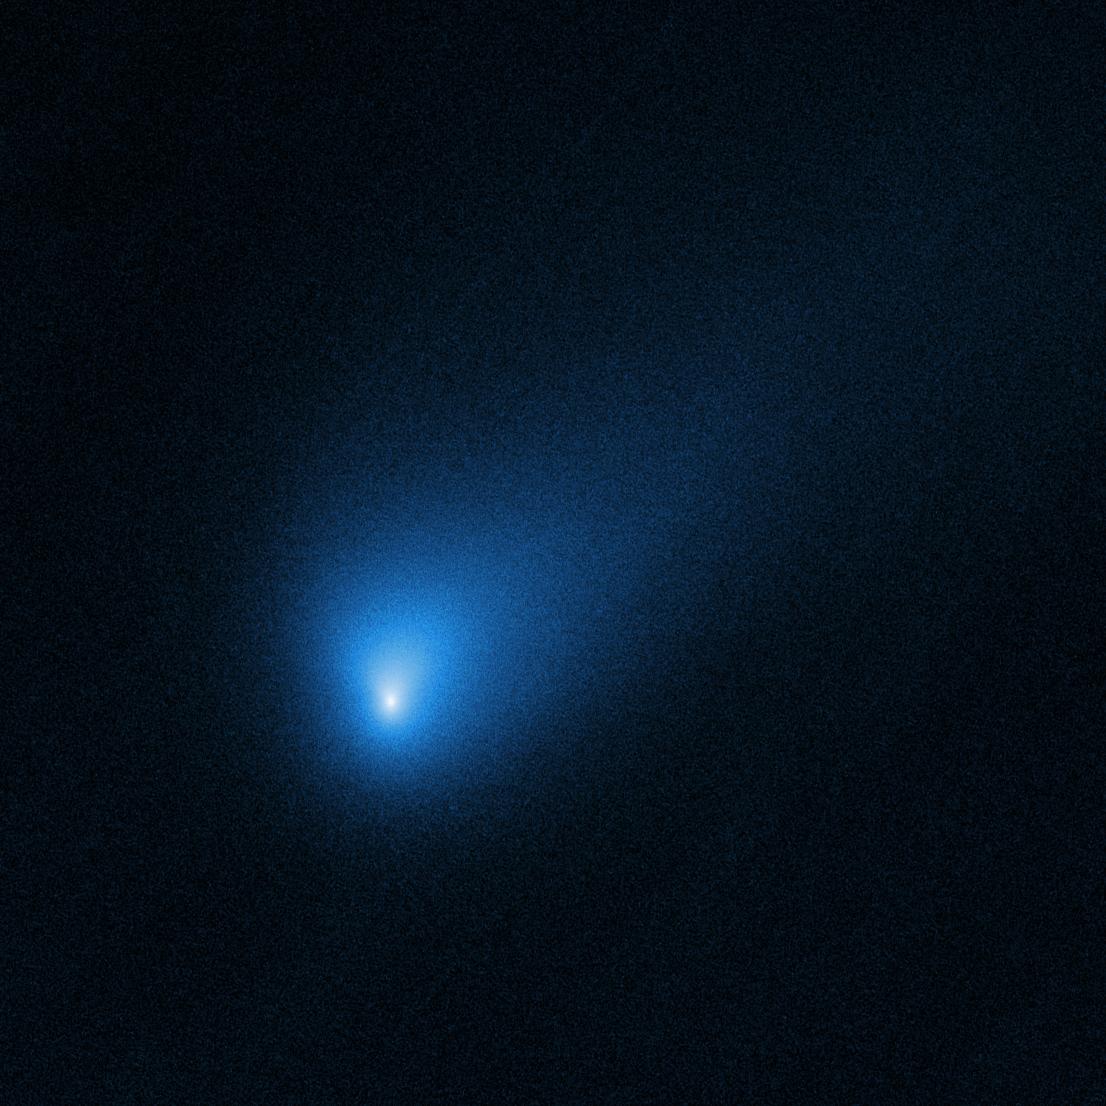 Nasa поделилось фотографиями первой межзвездной кометы